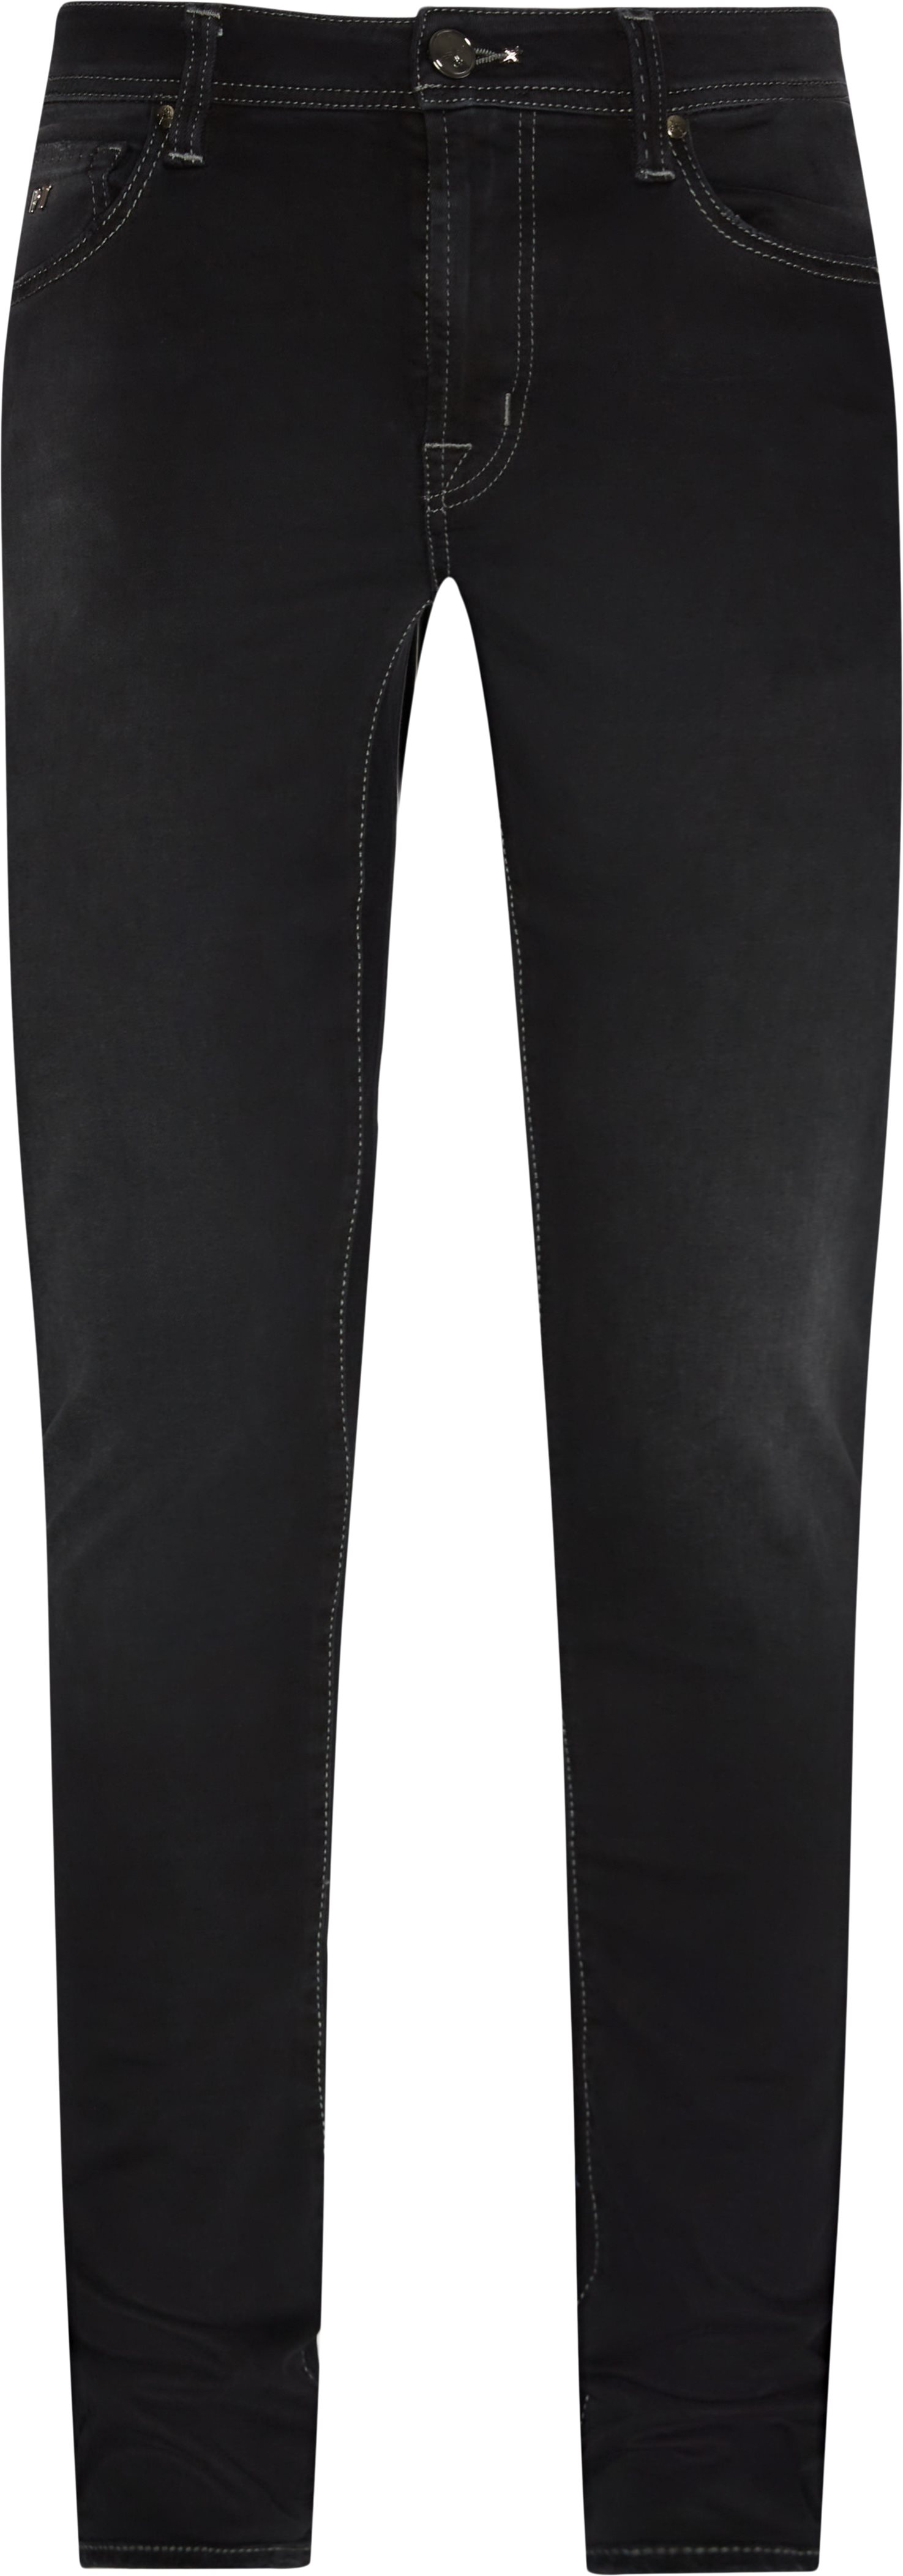 Jeans - Slim fit - Black